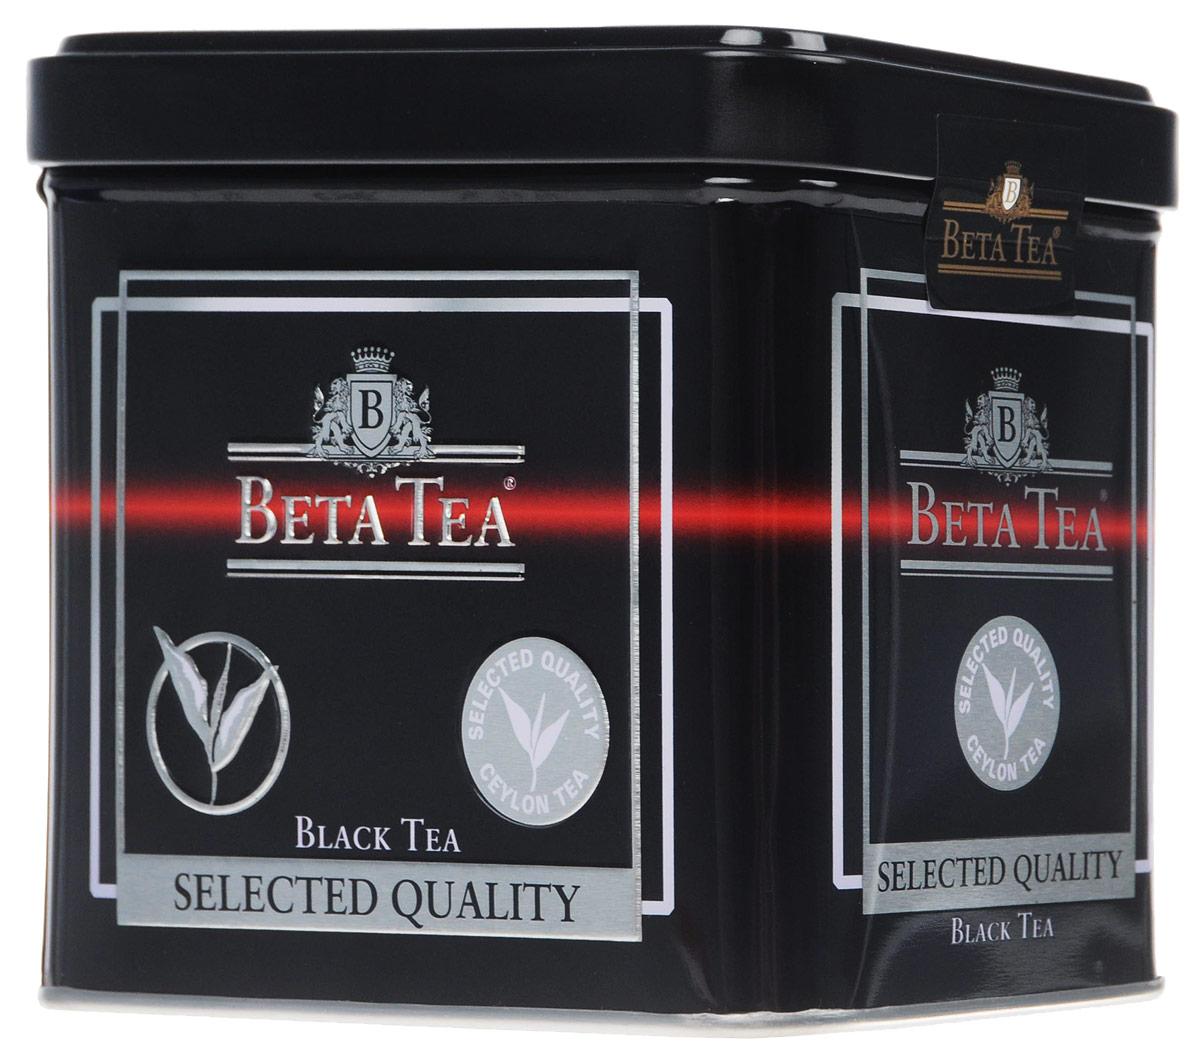 Beta Tea Отборное качество черный листовой чай, 100 г (жестяная банка)1145-12Этот сорт чая поставляют лучшие чайные плантации Шри-Ланки. Любители крепкого чая с терпким вкусом по достоинству оценят Beta Tea Отборное качество.